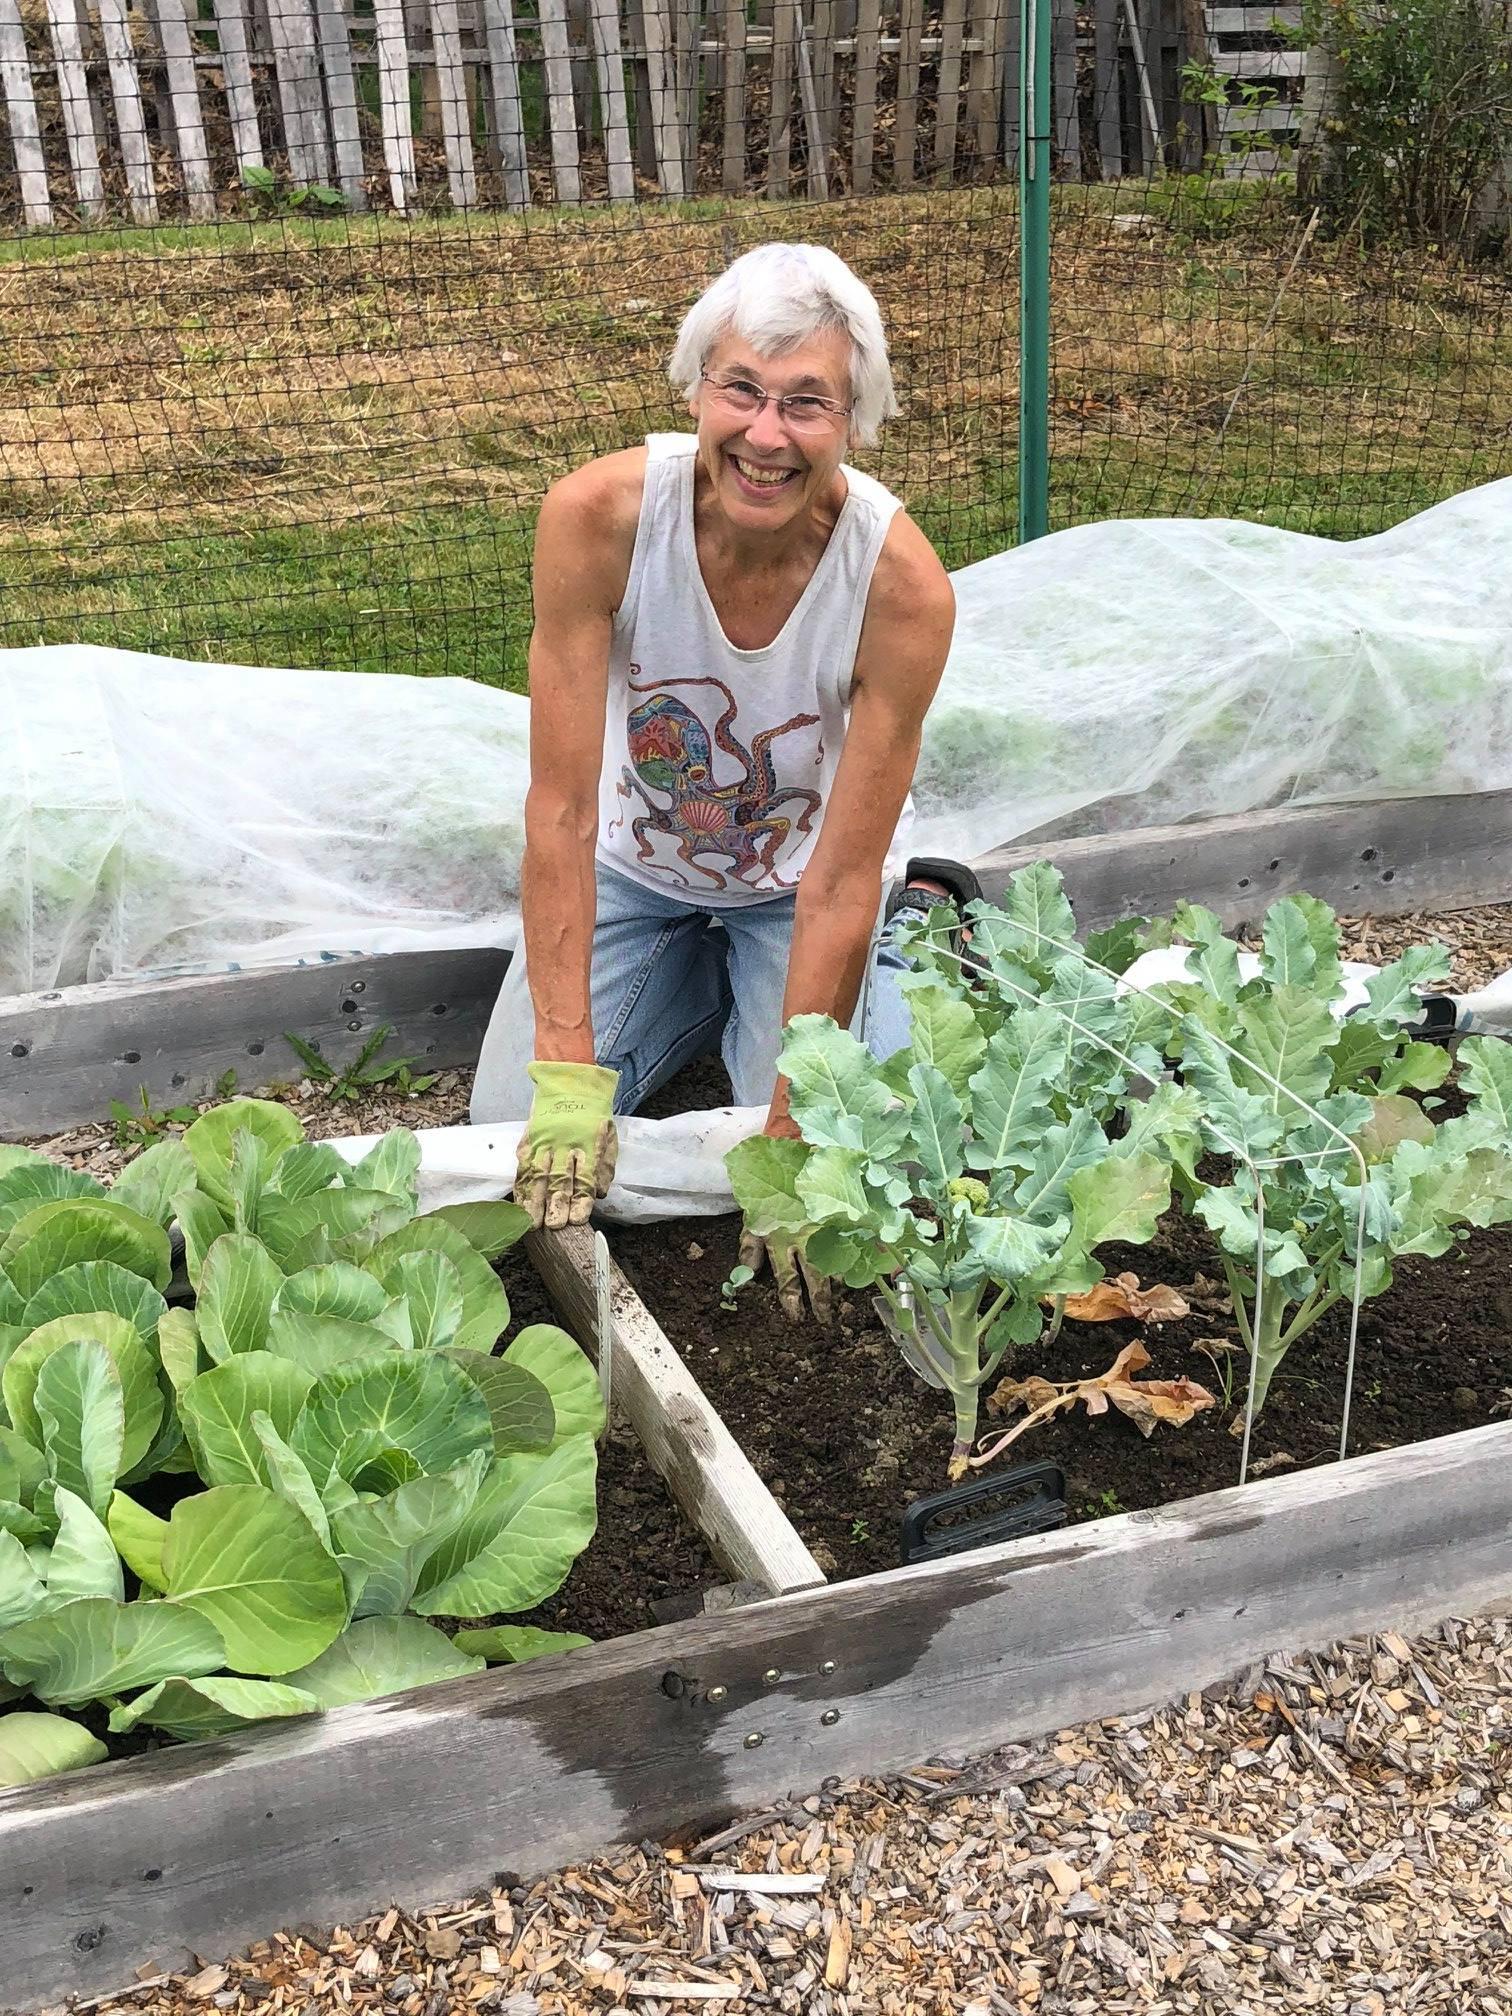 Master Gardener tending raised beds